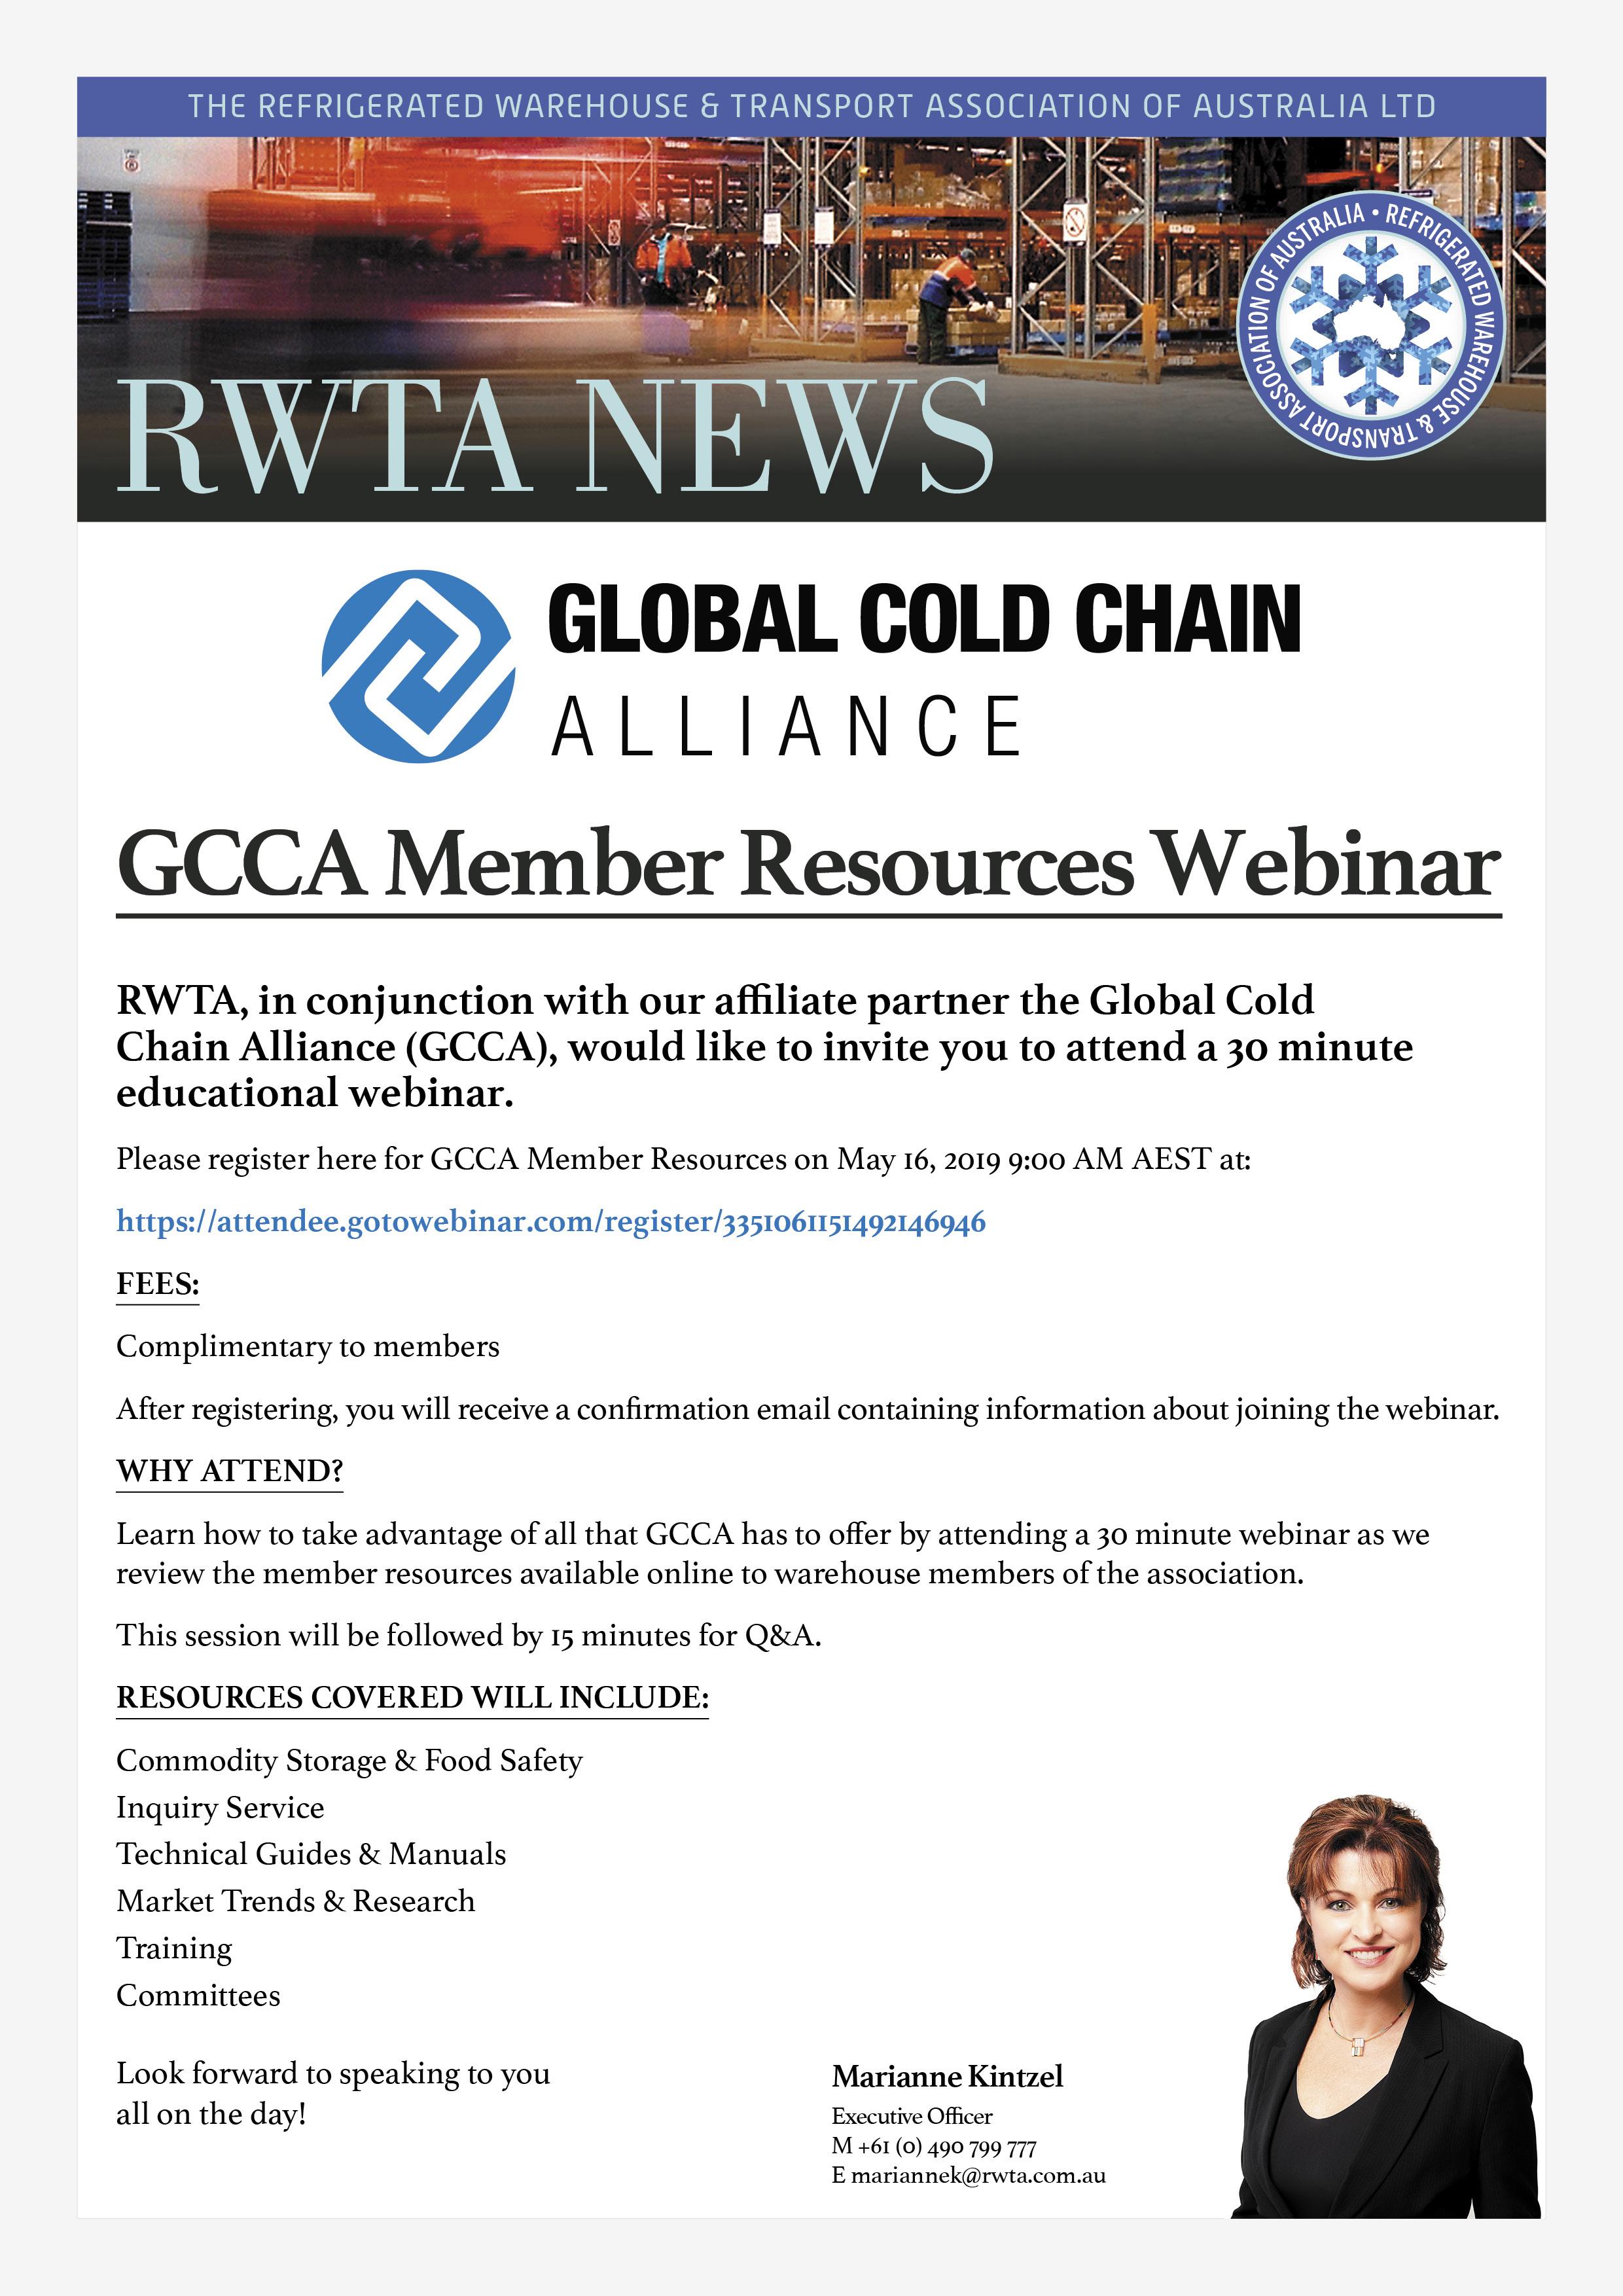 12475_RWTA_GCCA Webinar Promo_F.jpg